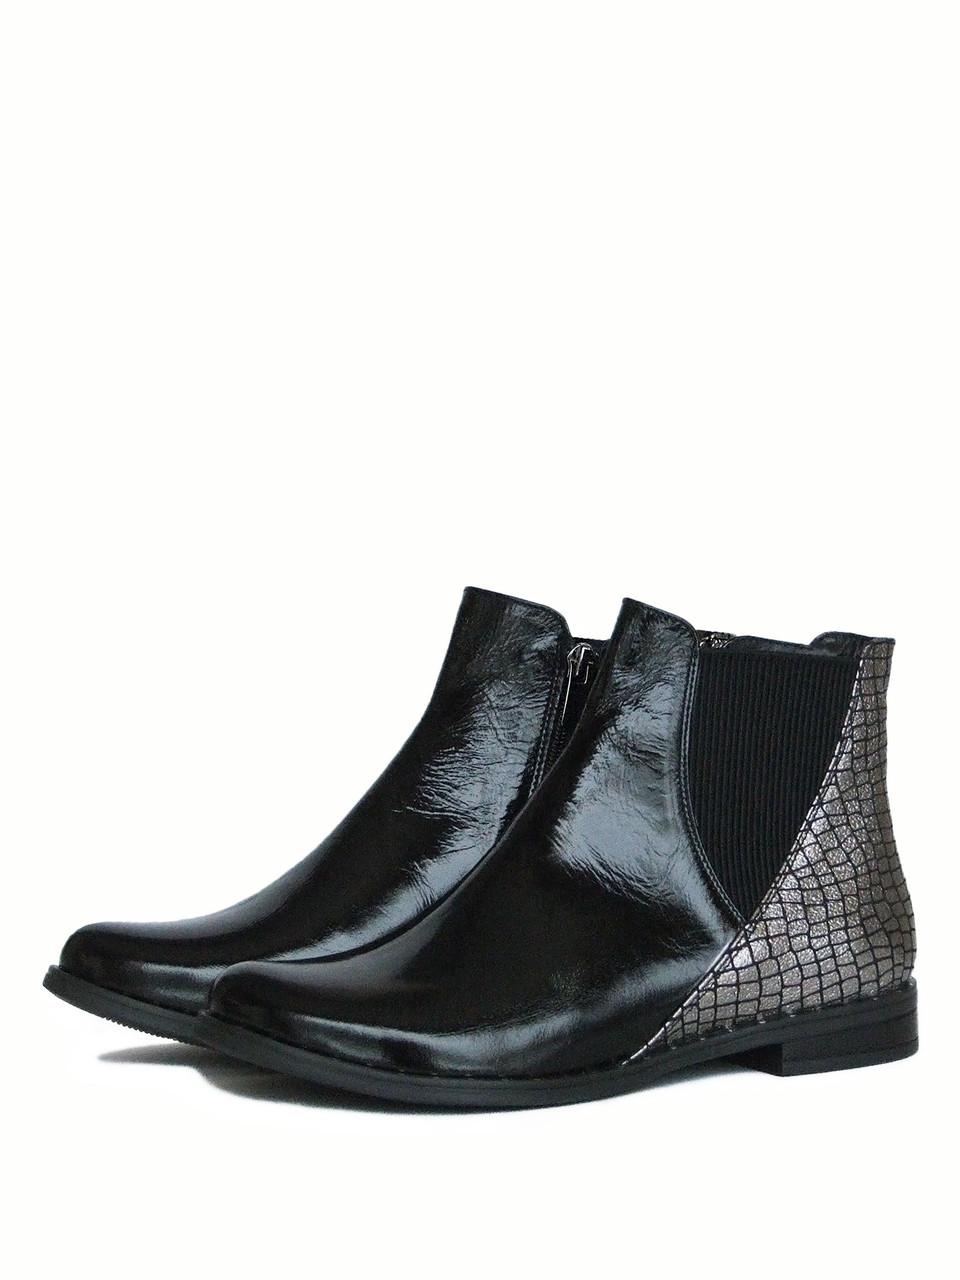 Черно-серебристые женские ботинки челси